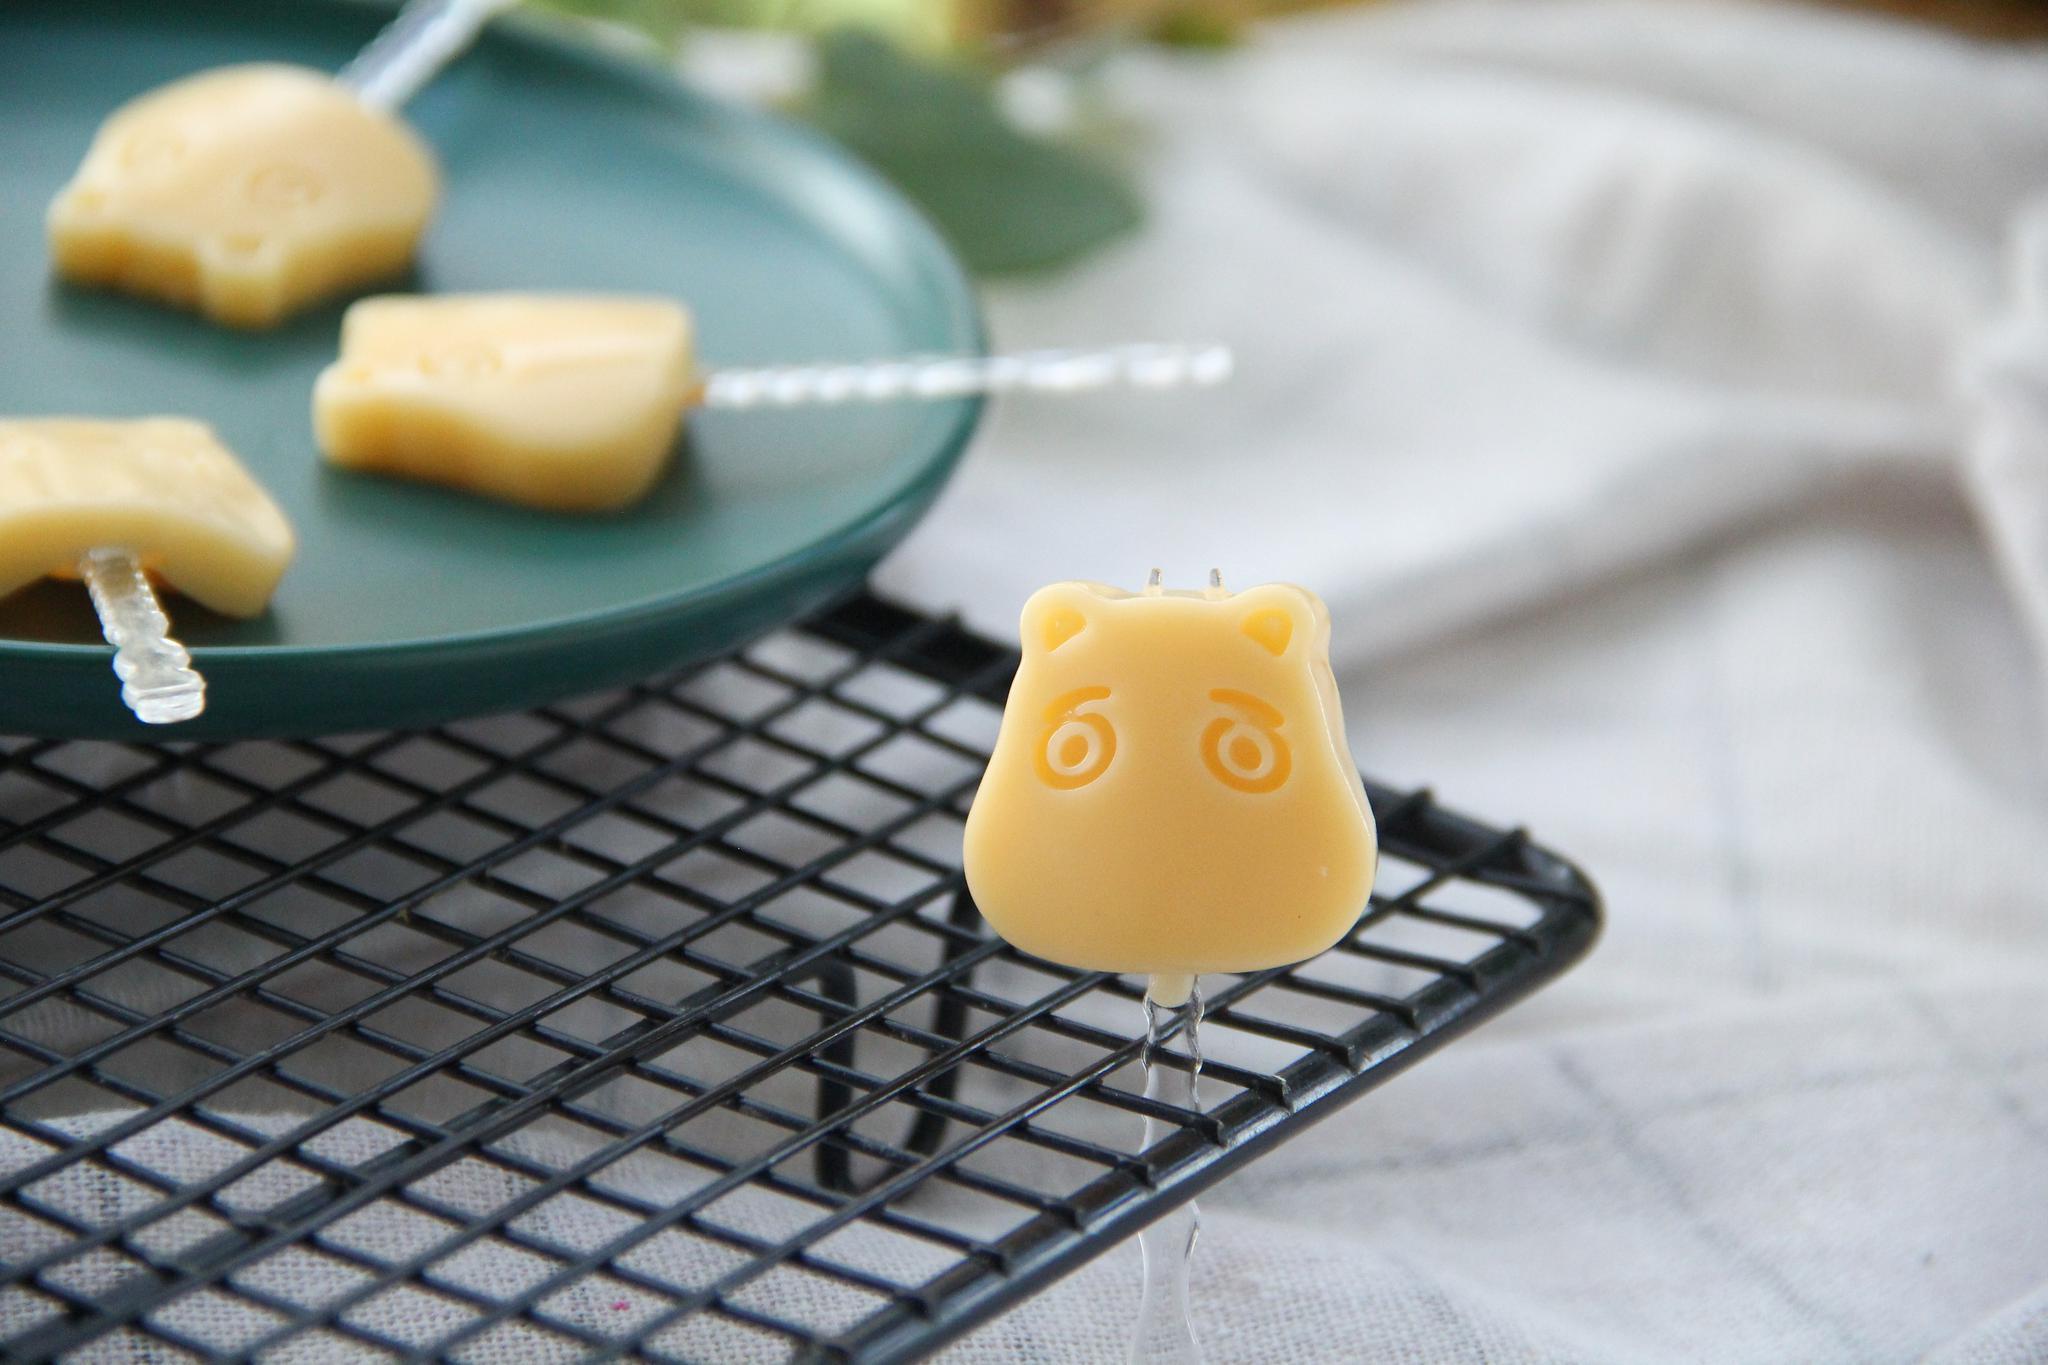 奶香浓郁,妈妈牌爱心奶酪棒,好吃不腻无添加,娃吃得放心